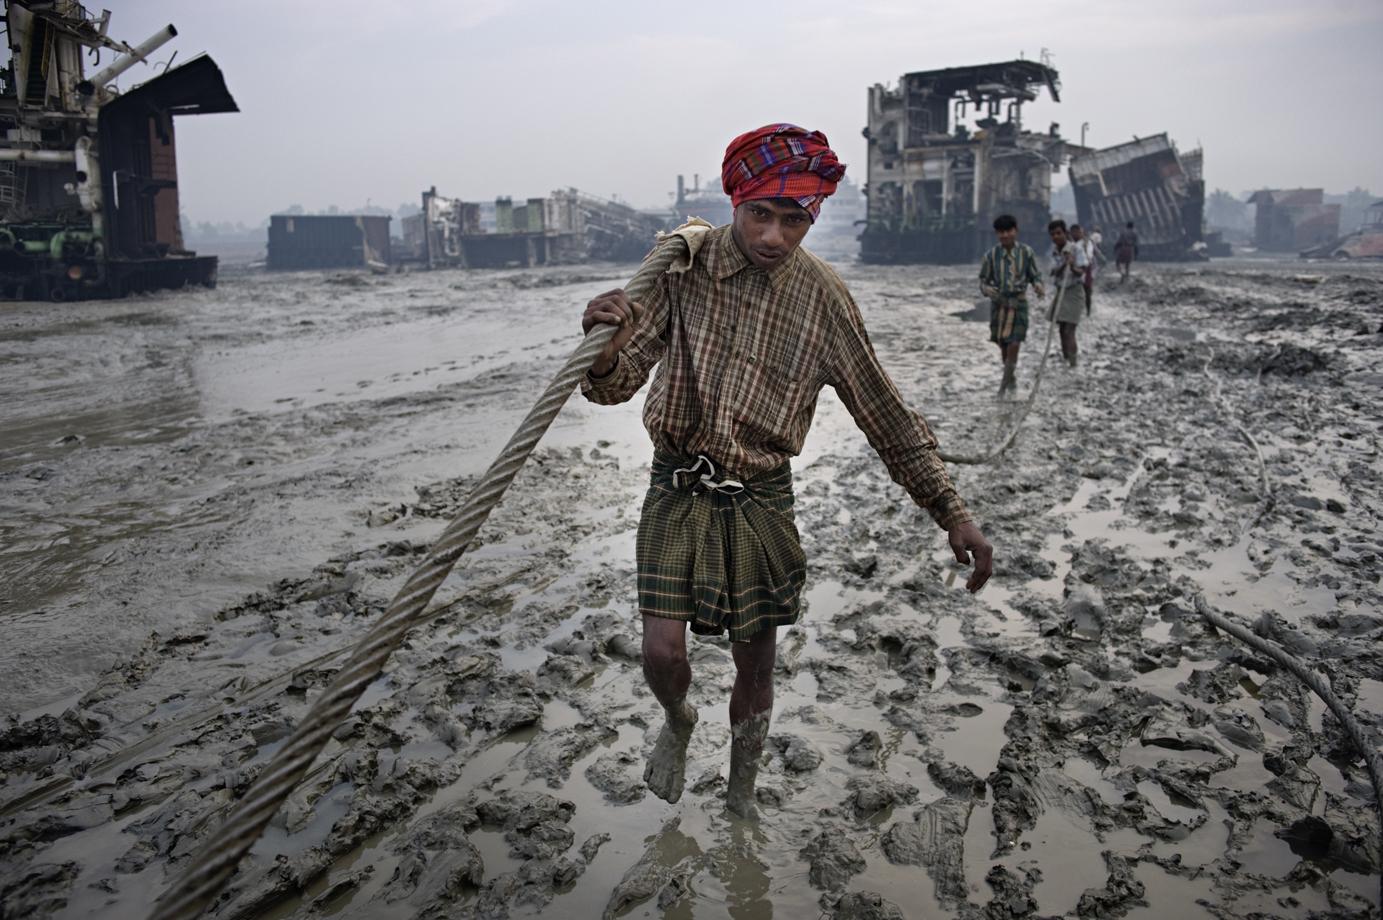 Manual shipwrecking, Chittagong / Bangladesh - 2010